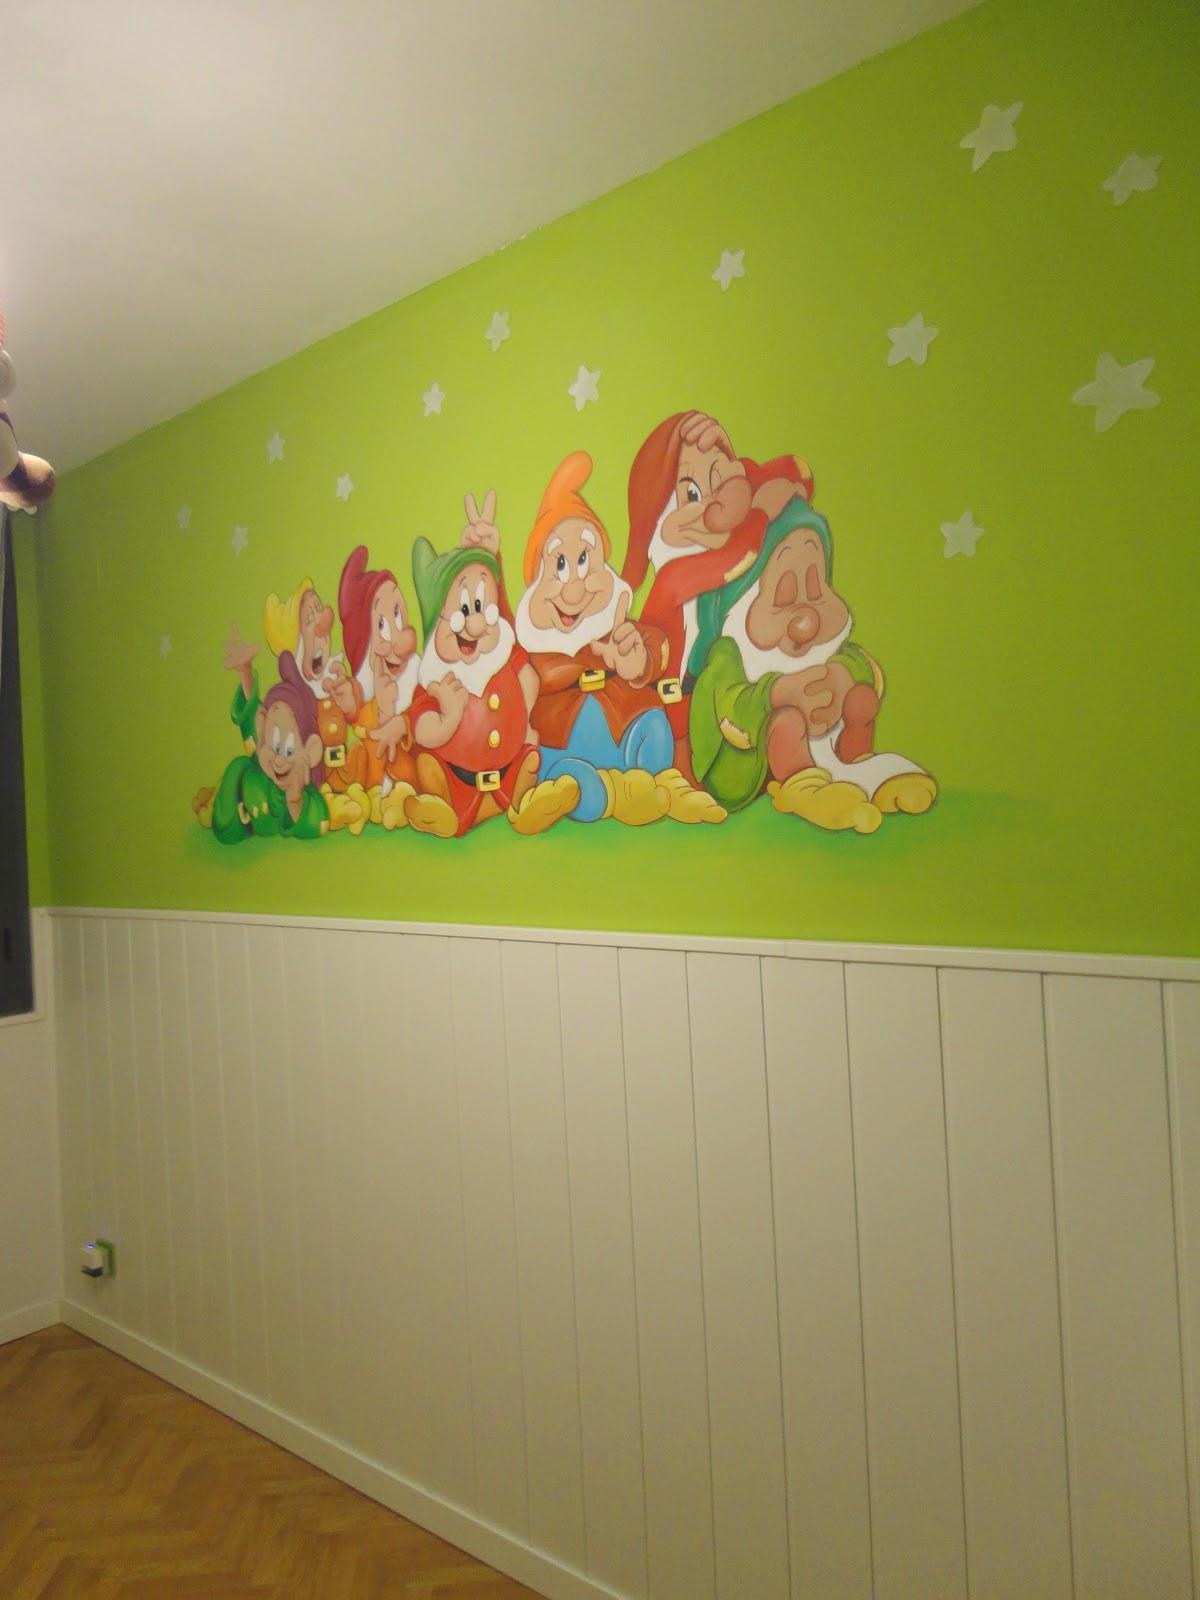 mural pintado sobre pared de dormitorio infantil presupuesto gratuito y sin compromiso